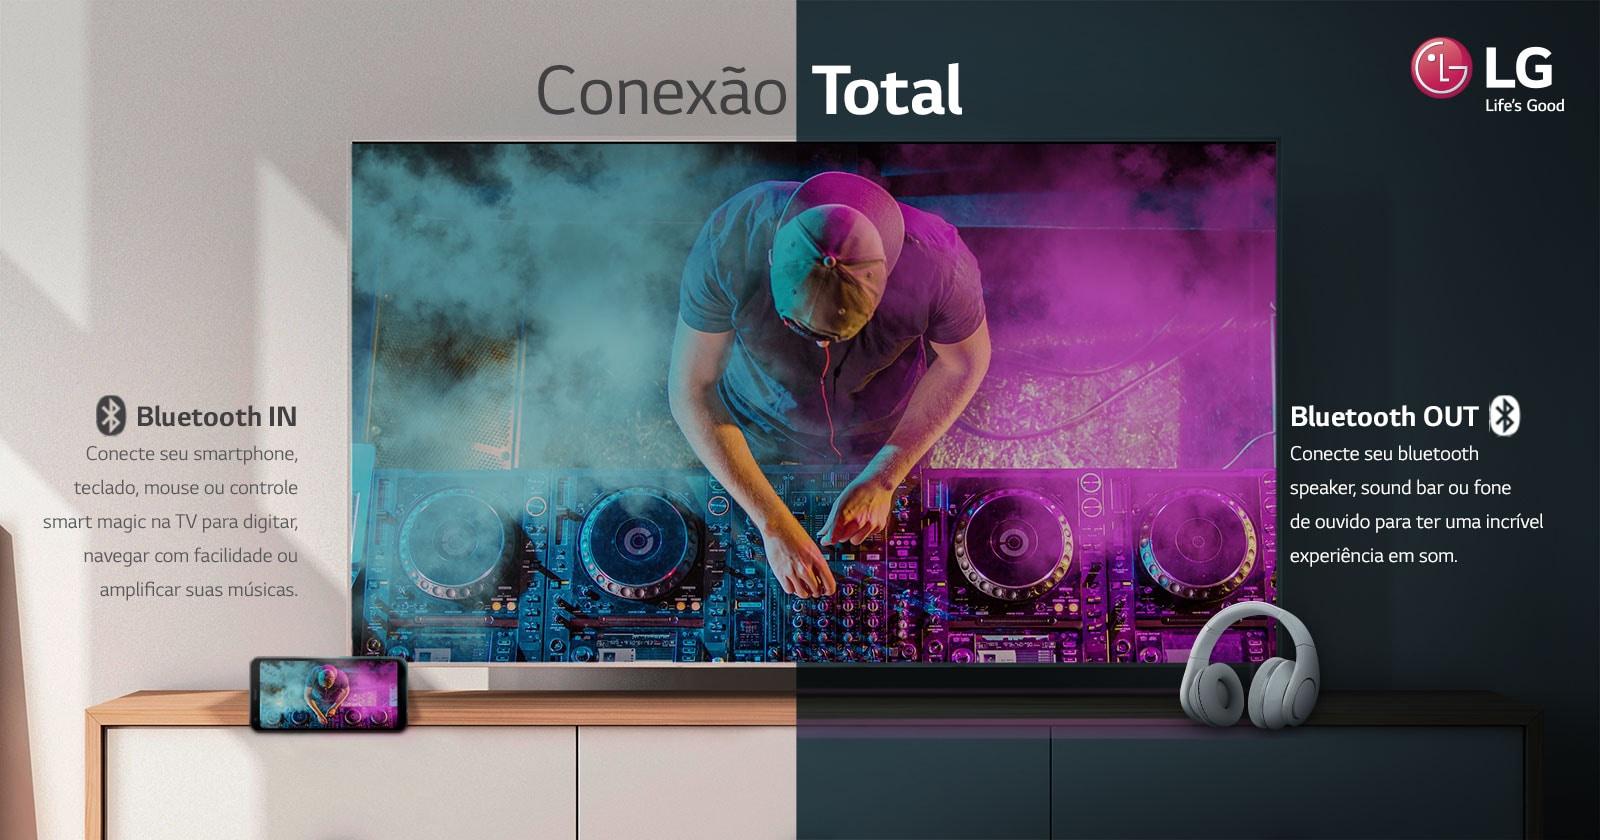 Conecte seu bluetooth speaker, sound bar ou fone de ouvido para ter uma incrível experiência em som.